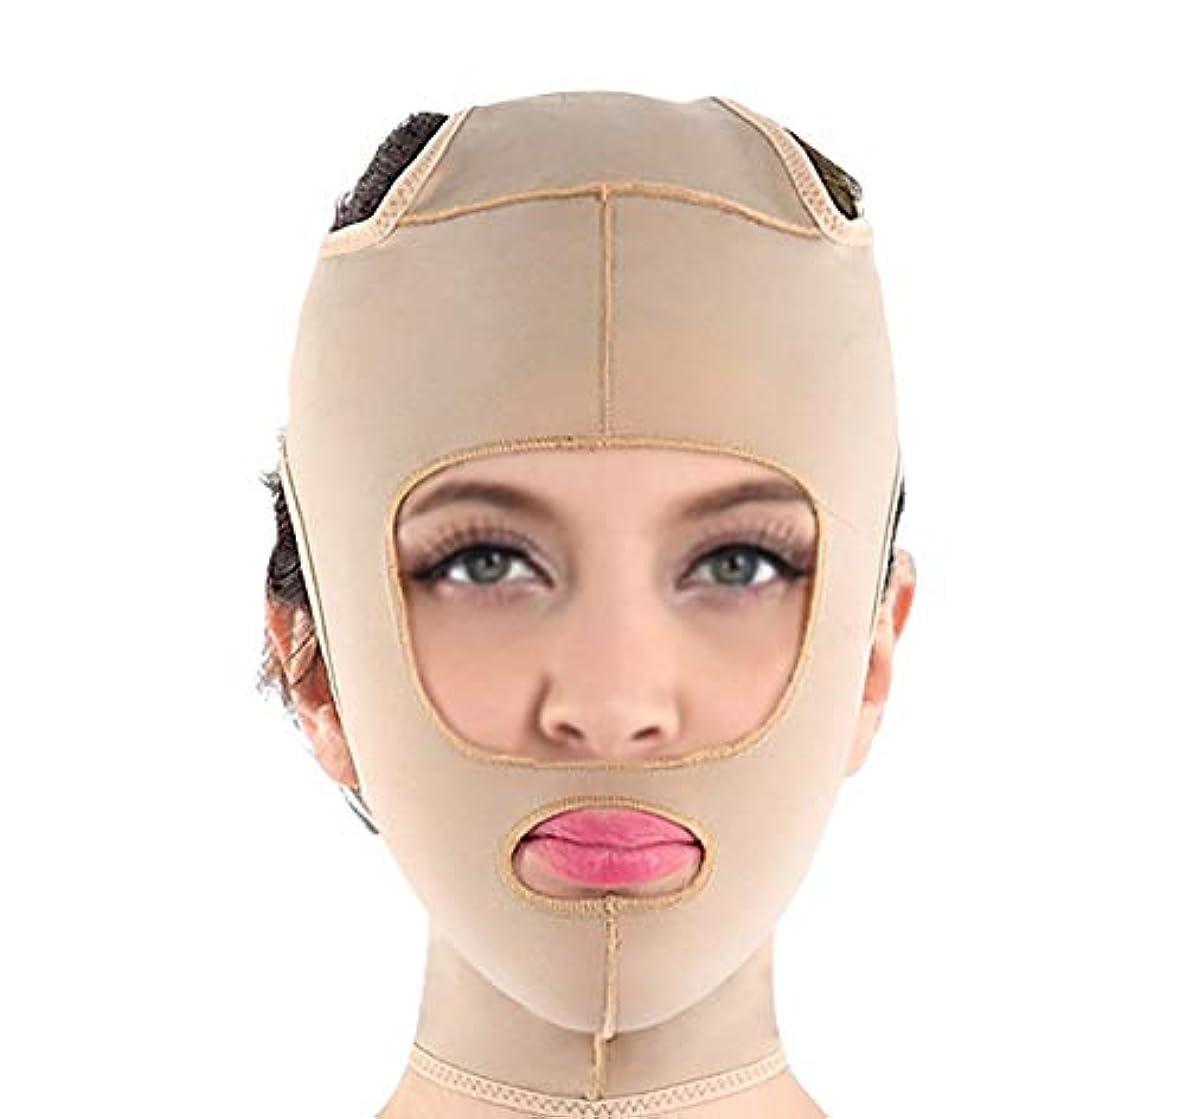 引退したボスハシーXHLMRMJ 肌をしっかりと保ち、顔の筋肉の垂れ下がりや顔の美しい輪郭の形成を防ぐフェイスリフティングマスク (Size : L)